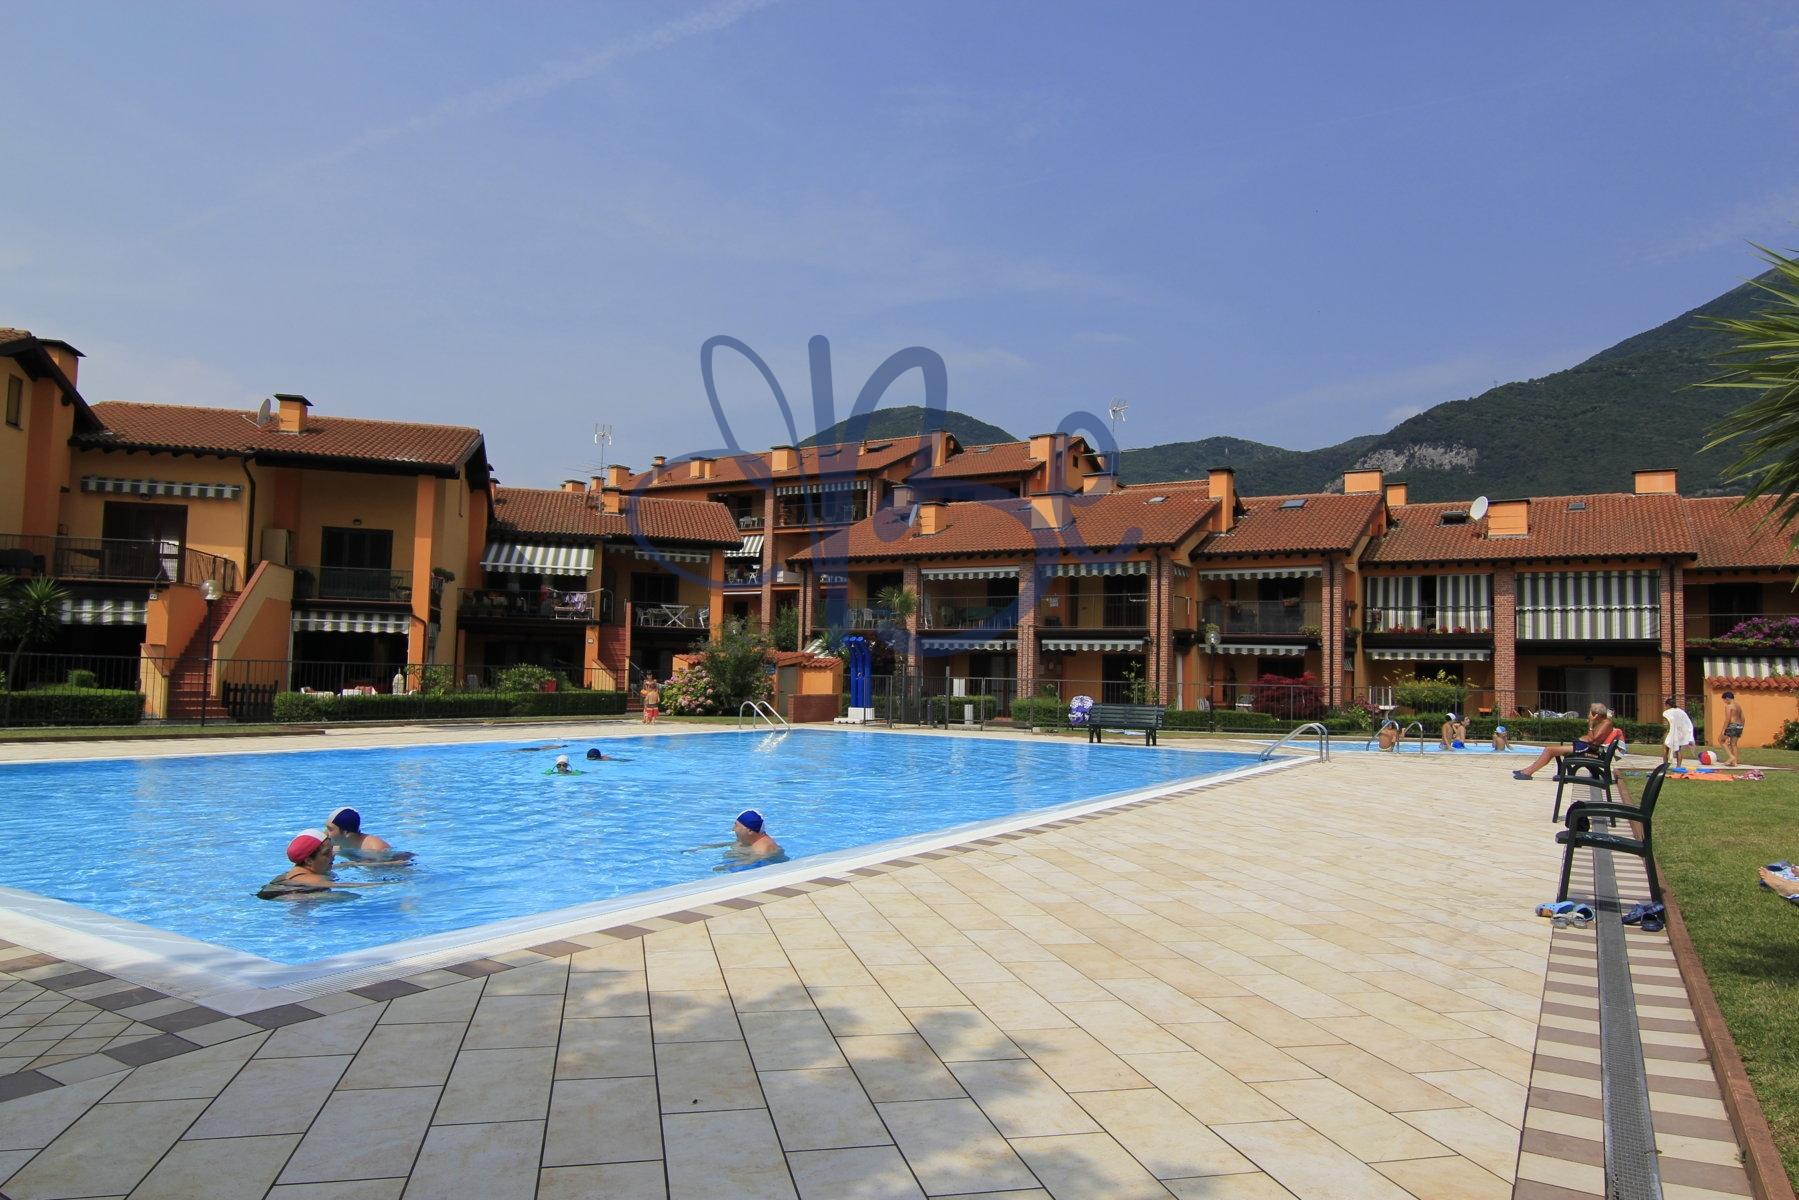 Appartamento in affitto a Toscolano-Maderno, 2 locali, zona Zona: Toscolano, Trattative riservate | CambioCasa.it